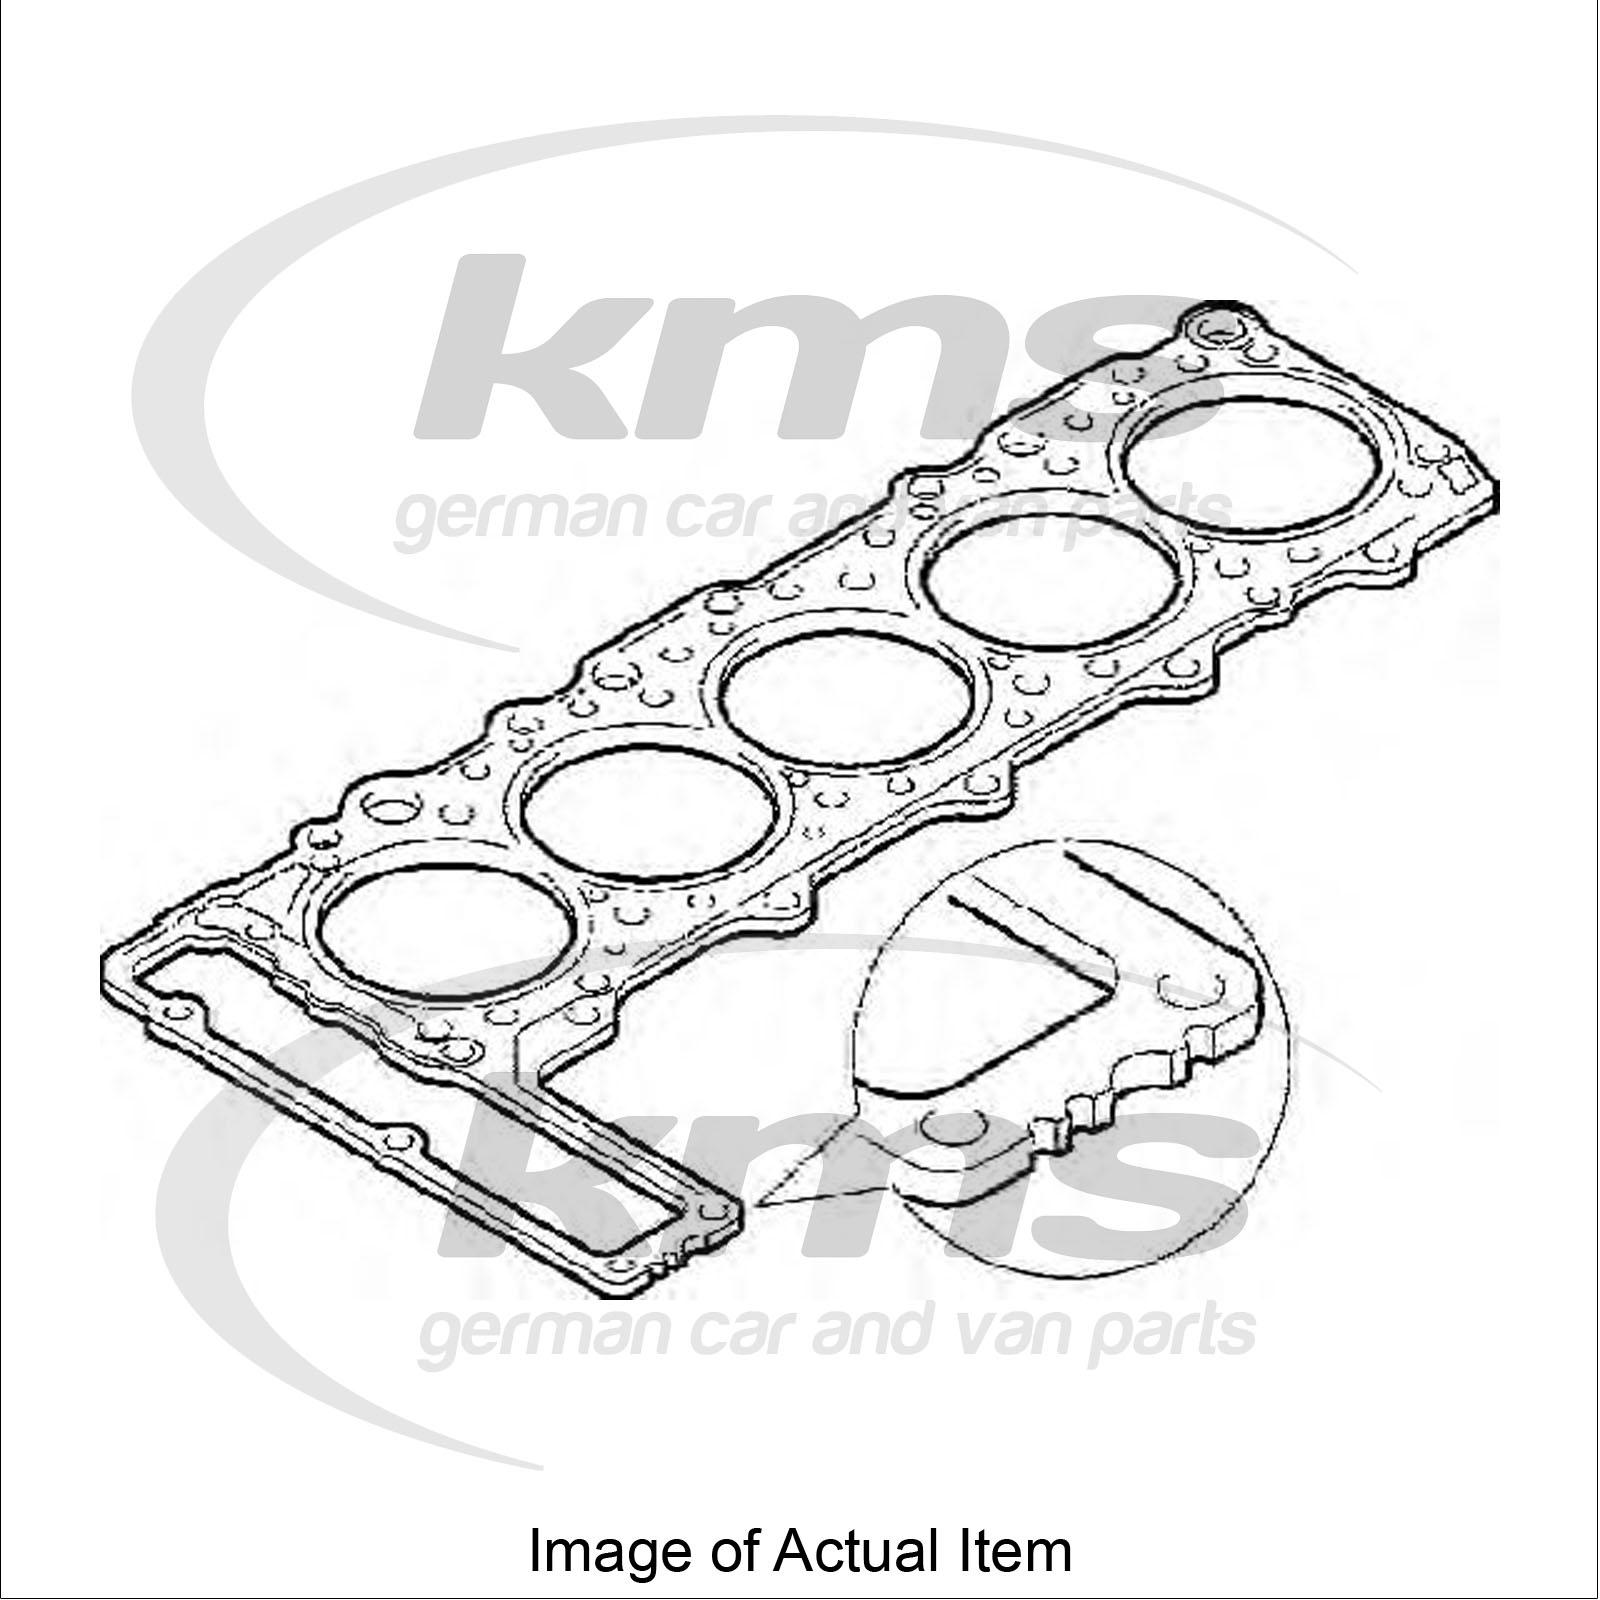 Cylinder Head Gasket Mercedes Vario Platform Chassis 512 D 667 321 667 322 66